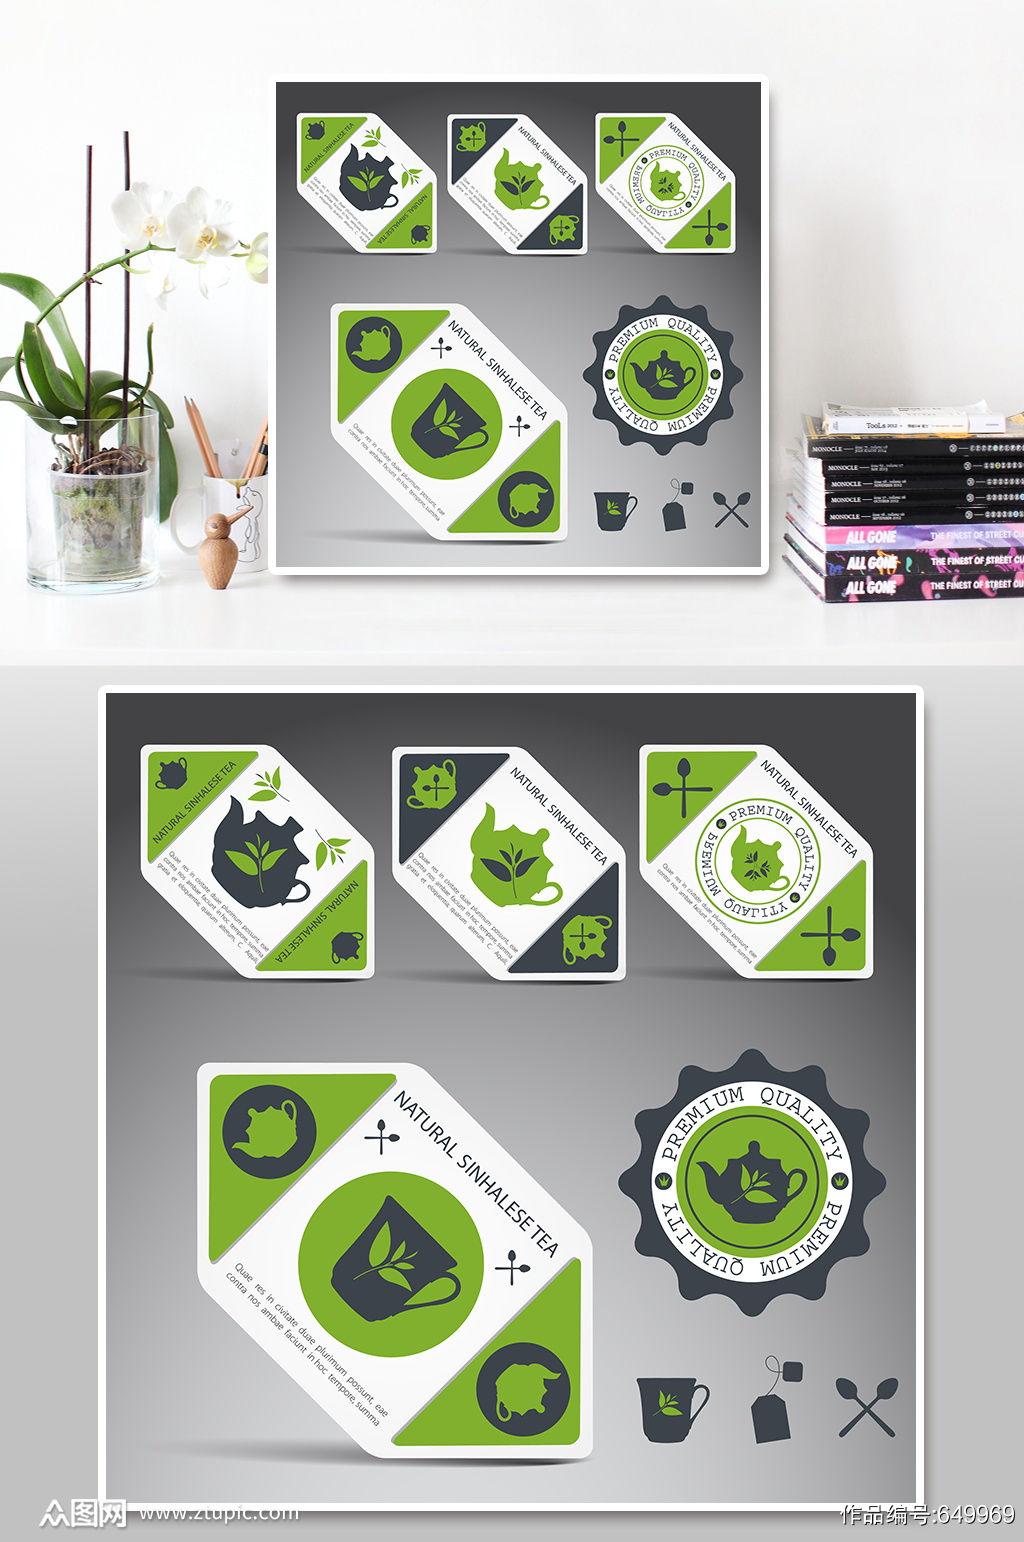 绿色清新茶饮品标签招贴素材素材